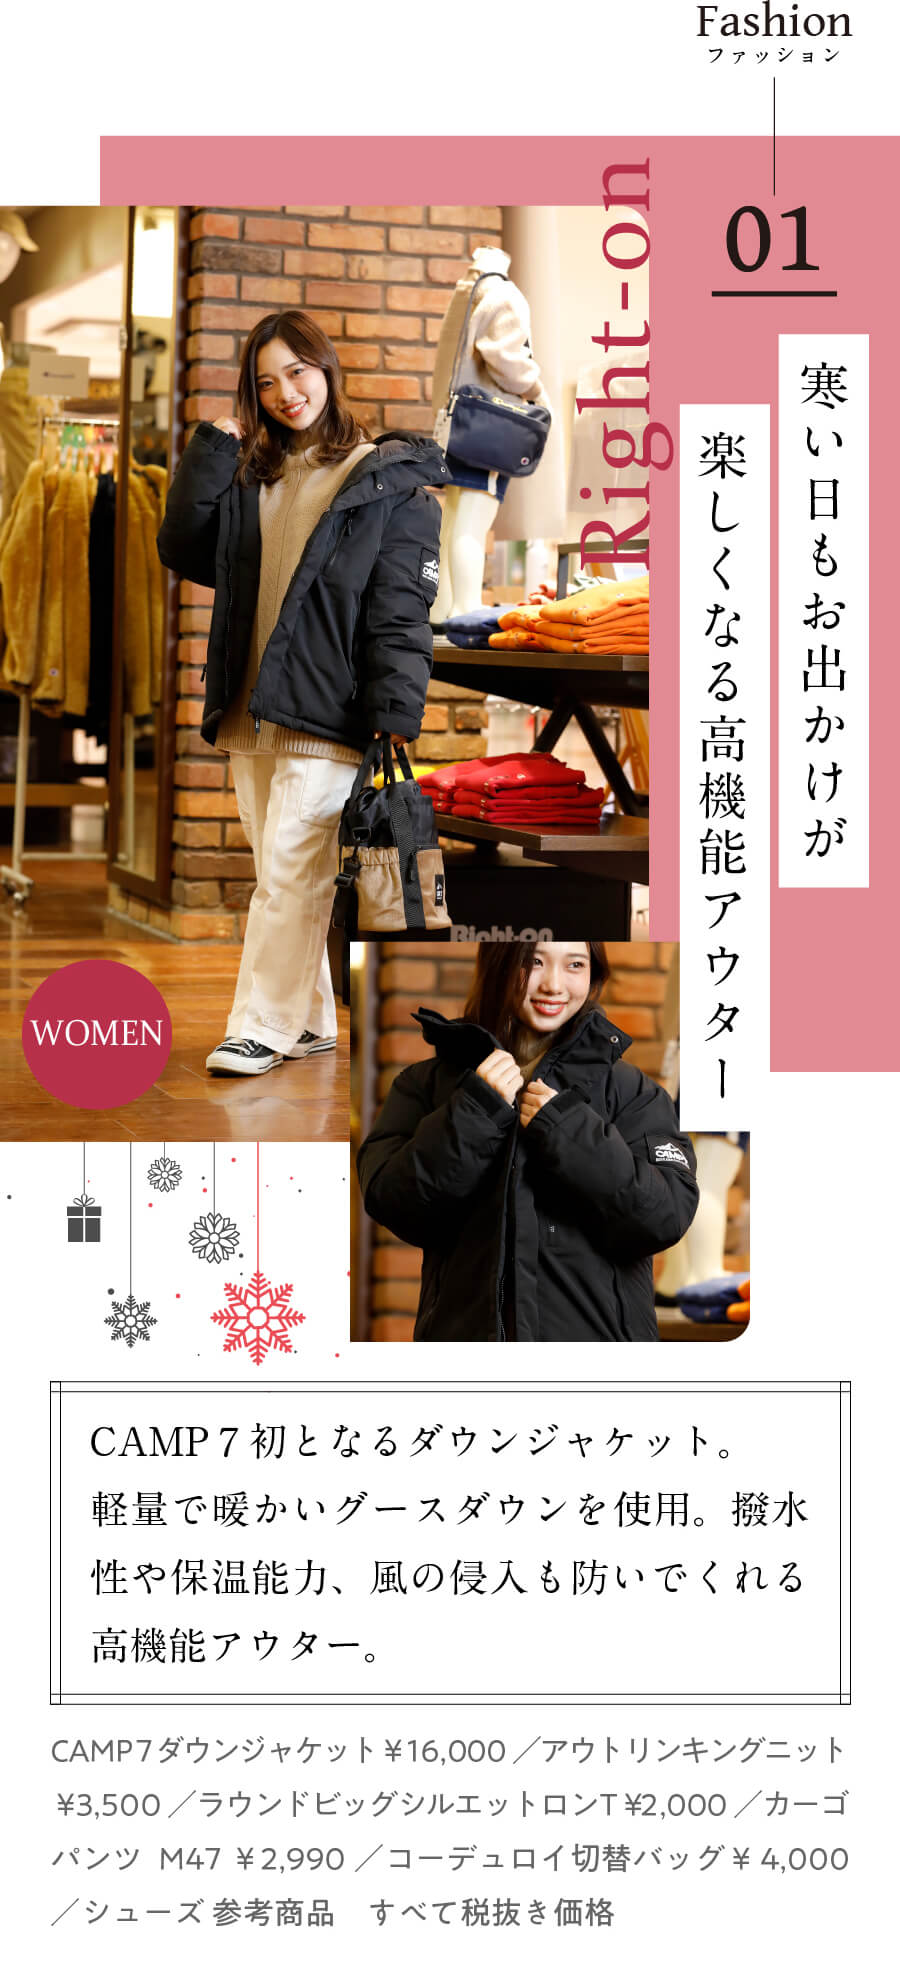 1F ライトオン TEL. 0547-37-0588 WOMEN:寒い日もお出かけが楽しくなる高機能アウター